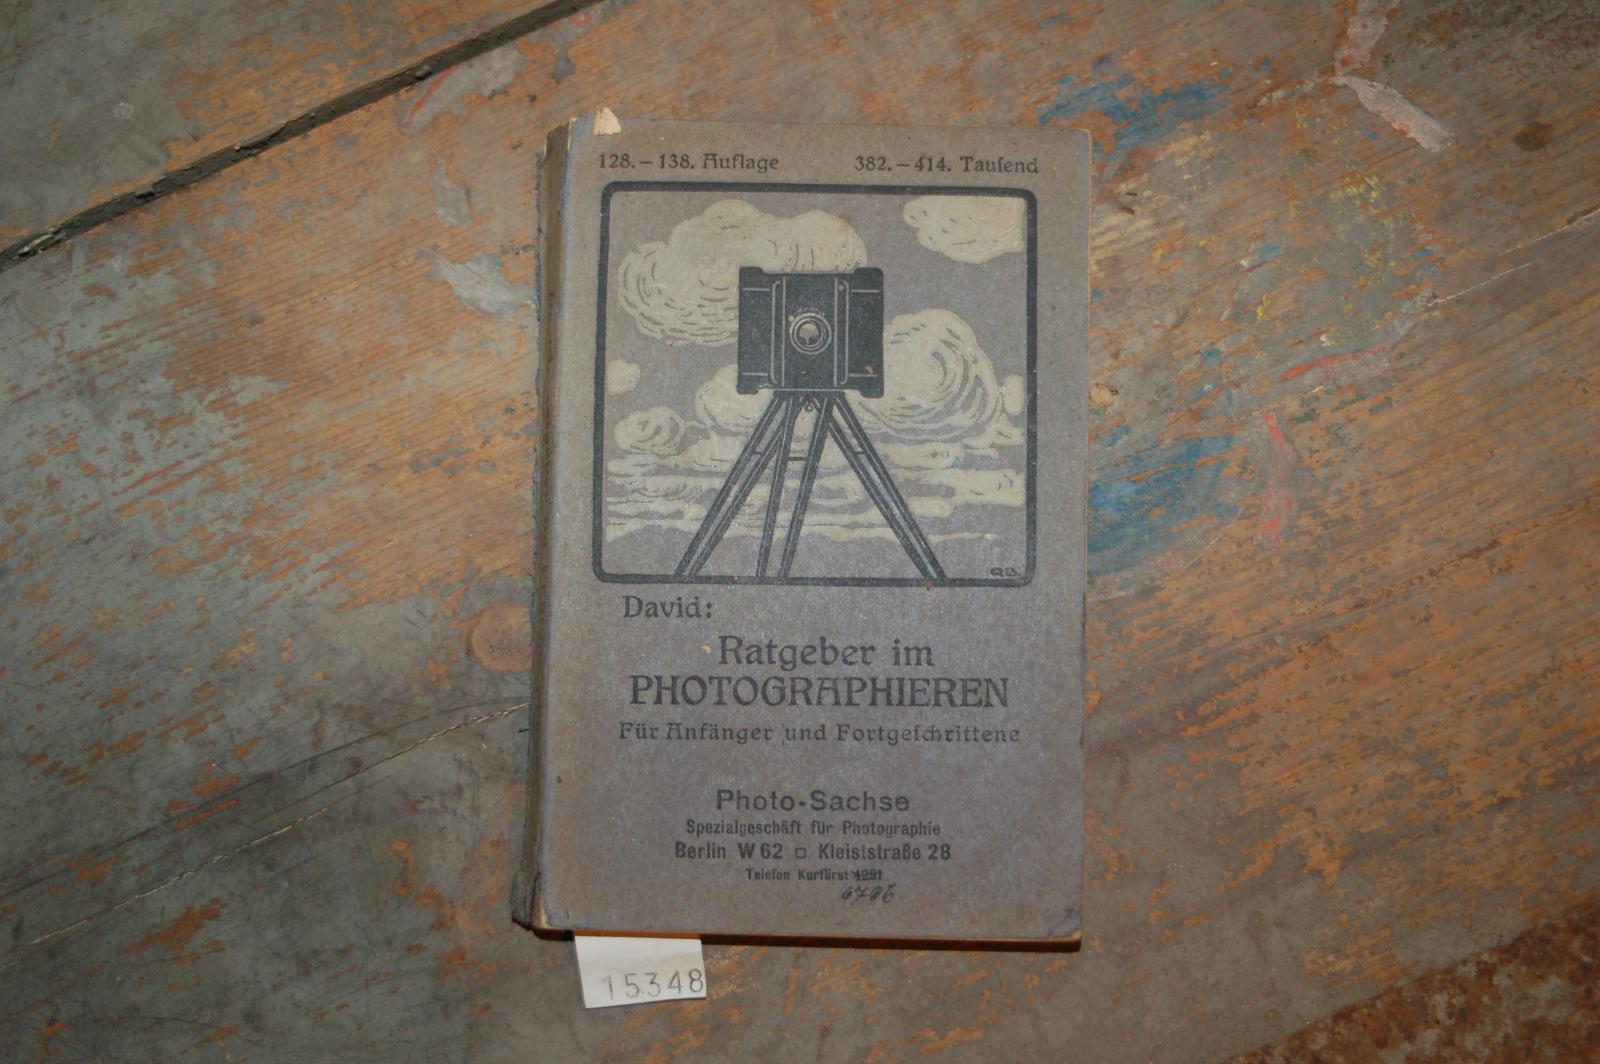 Ratgeber im Photographieren Leicht fassliches Lehrbuch für: David